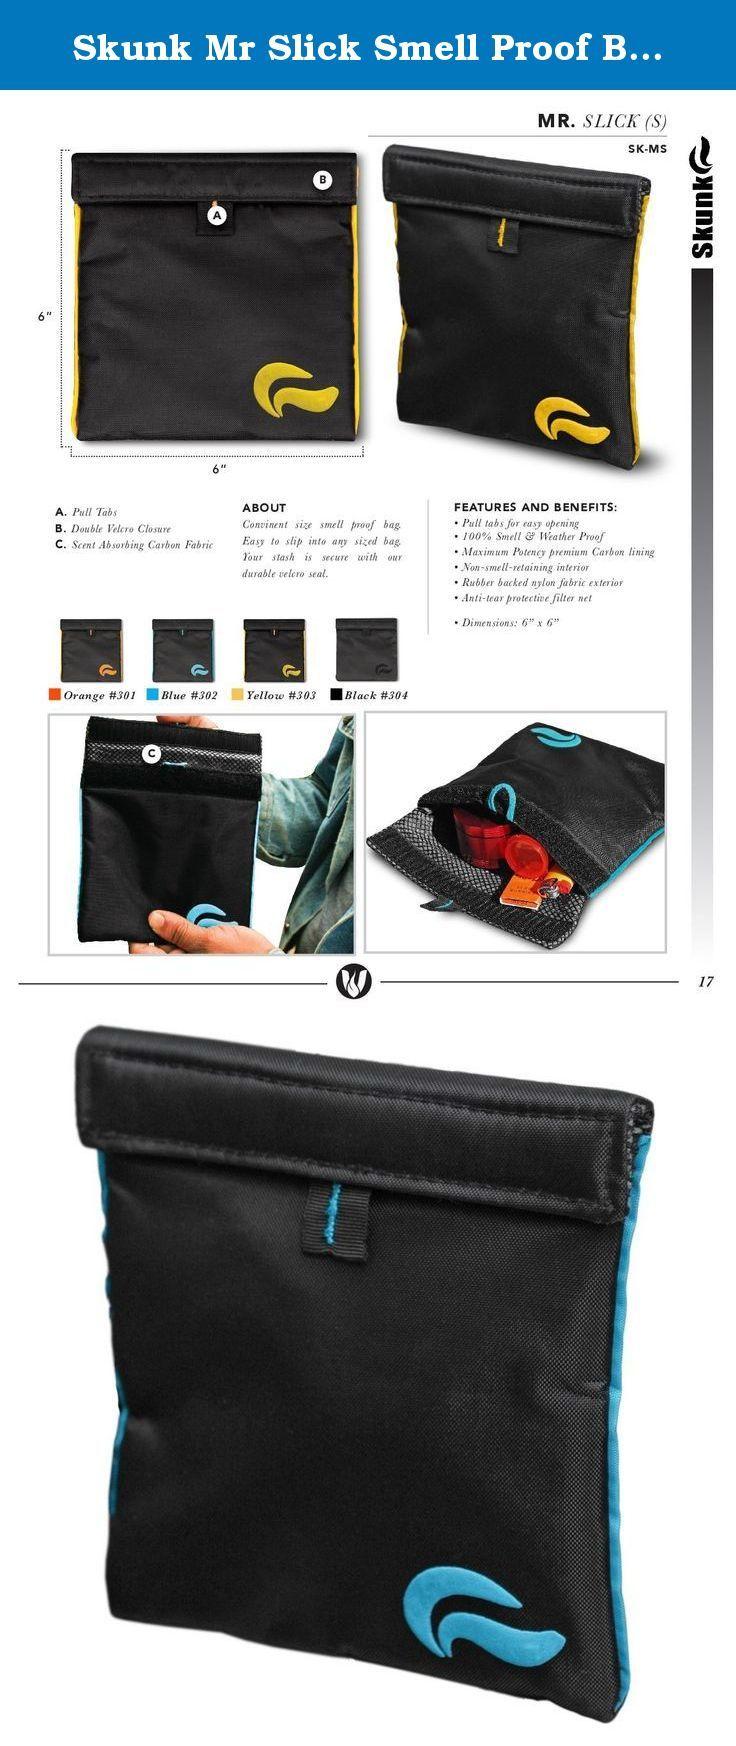 Skunk Mr Slick Smell Proof Bag 6 Black Blue